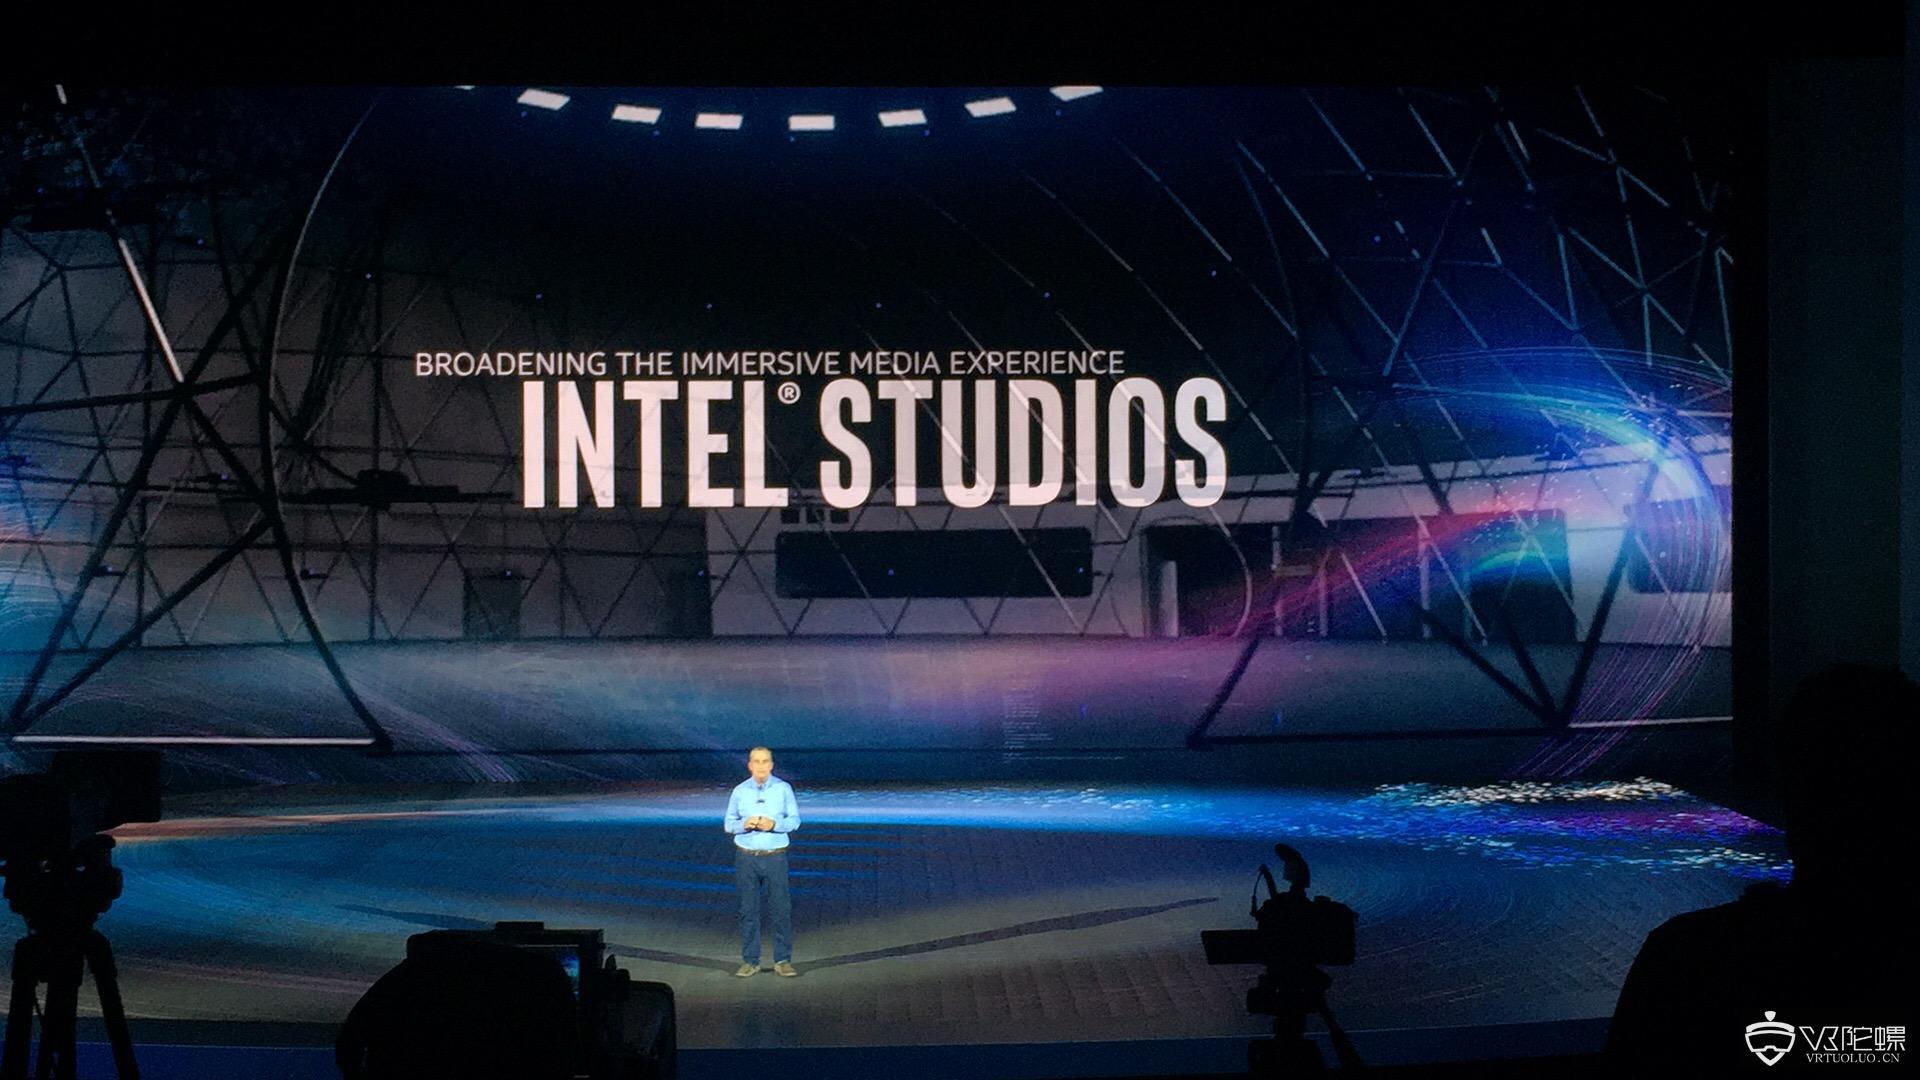 【CES 2018】英特尔宣布成立Intel Studios,专注容积视频、VR/AR视频制作